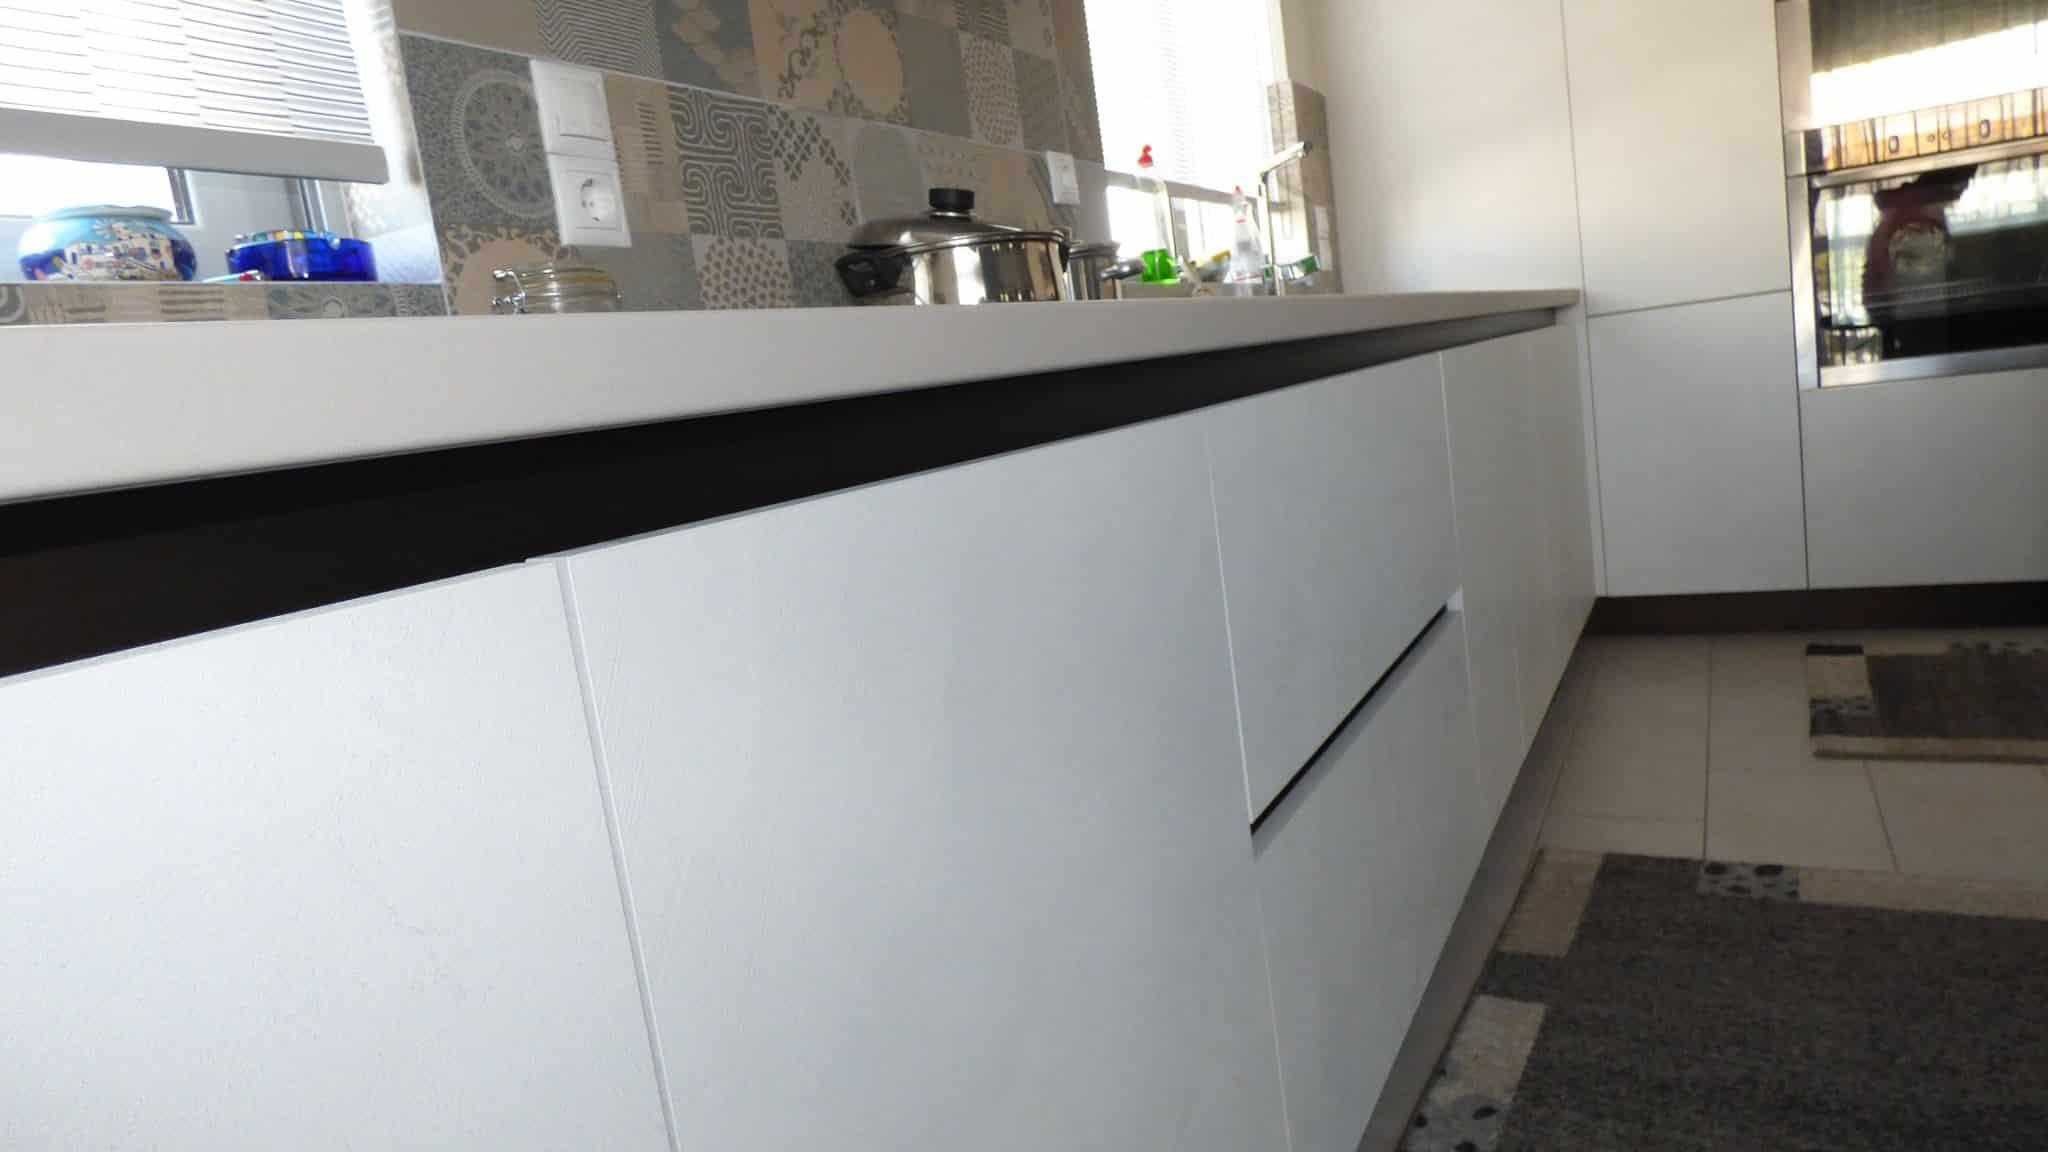 Ολοκληρωμένη αποπεράτωση νεόδμητης κουζινα